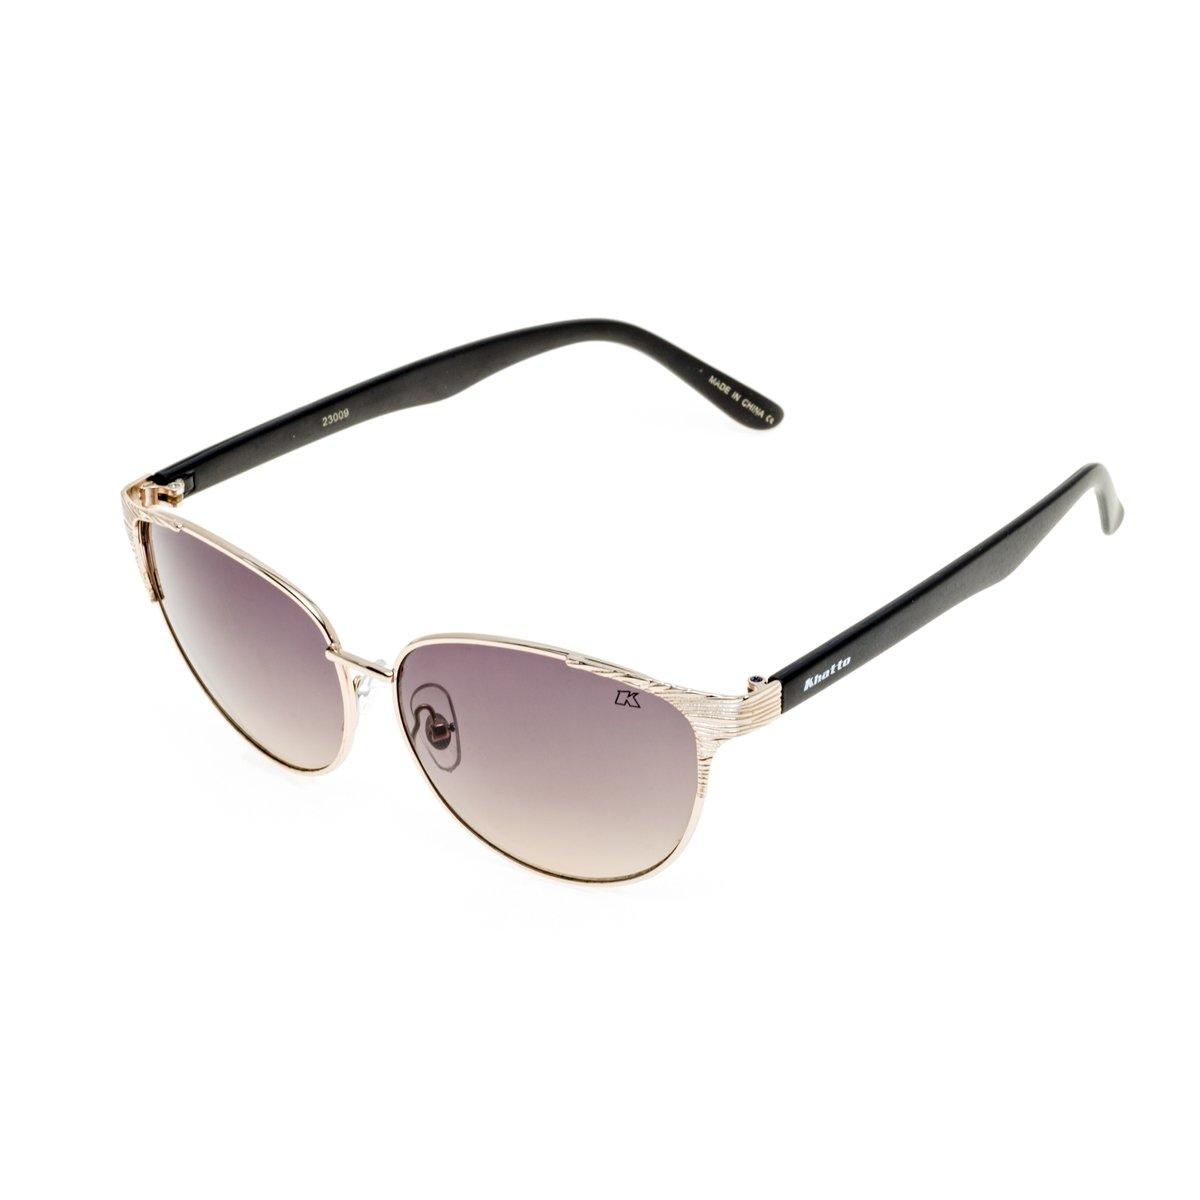 Óculos de Sol Khatto KD23009 - Compre Agora   Netshoes 82f68cb6fa